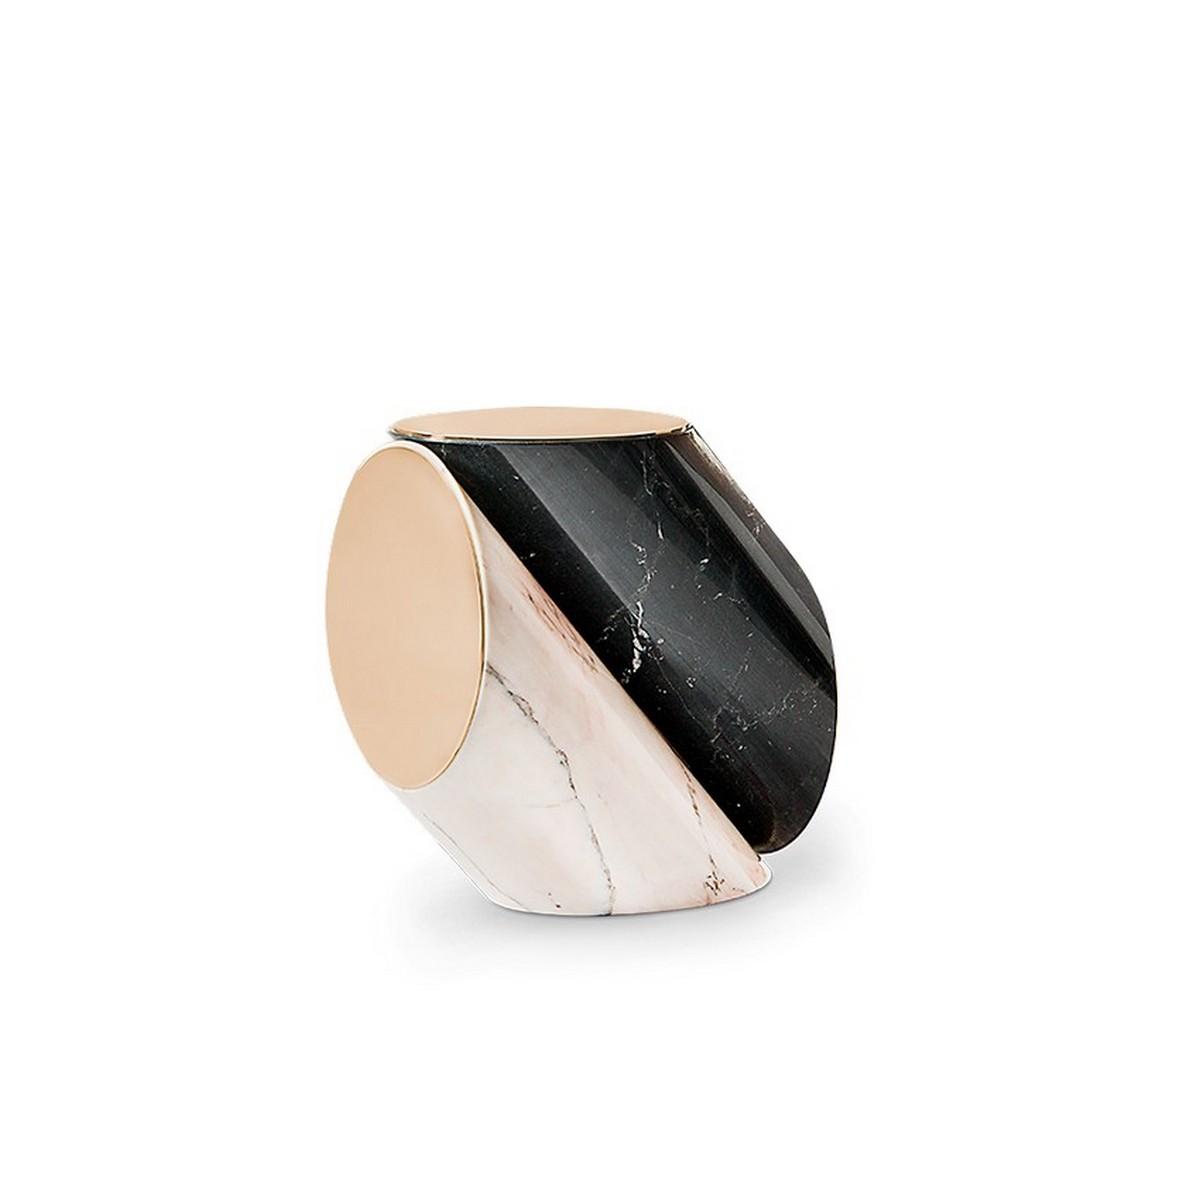 Tendencia de Mesas poderosas y elegantes: lujo en mármol [object object] Tendencia de Mesas poderosas y elegantes:  lujo en mármol jacobsen side table 1